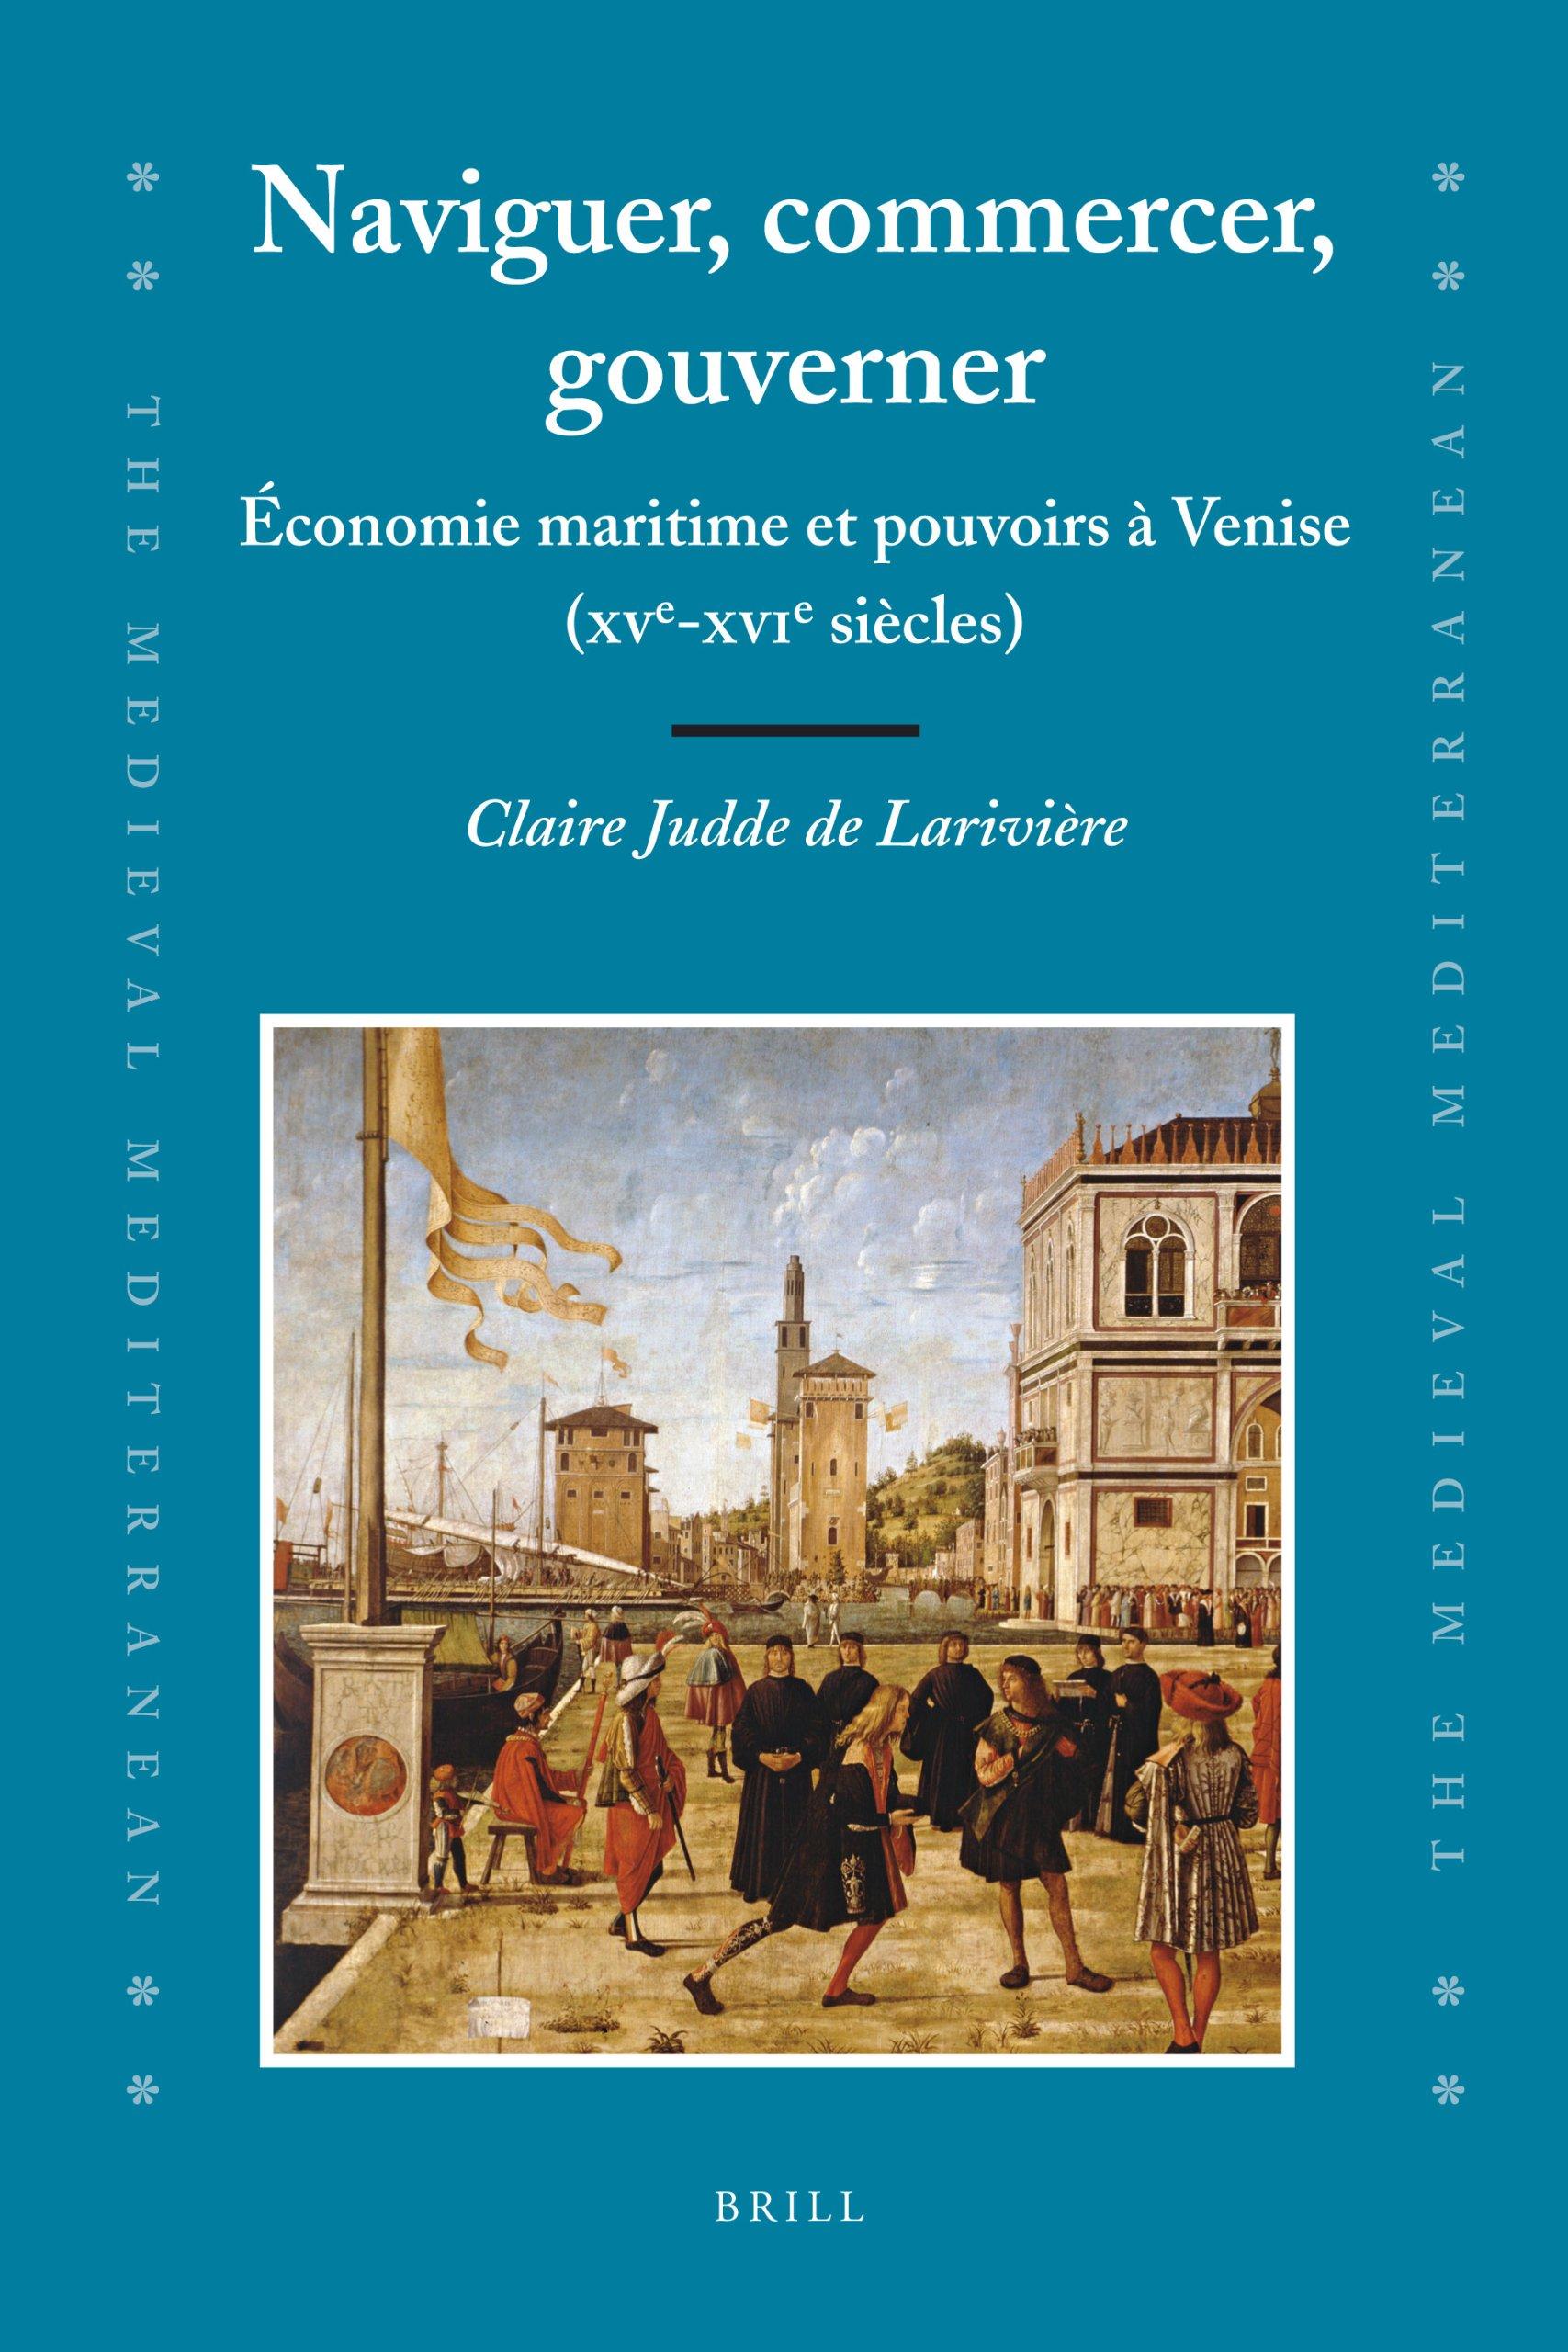 Naviguer, commercer, gouverner : Économie maritime et pouvoirs à Venise. Drill